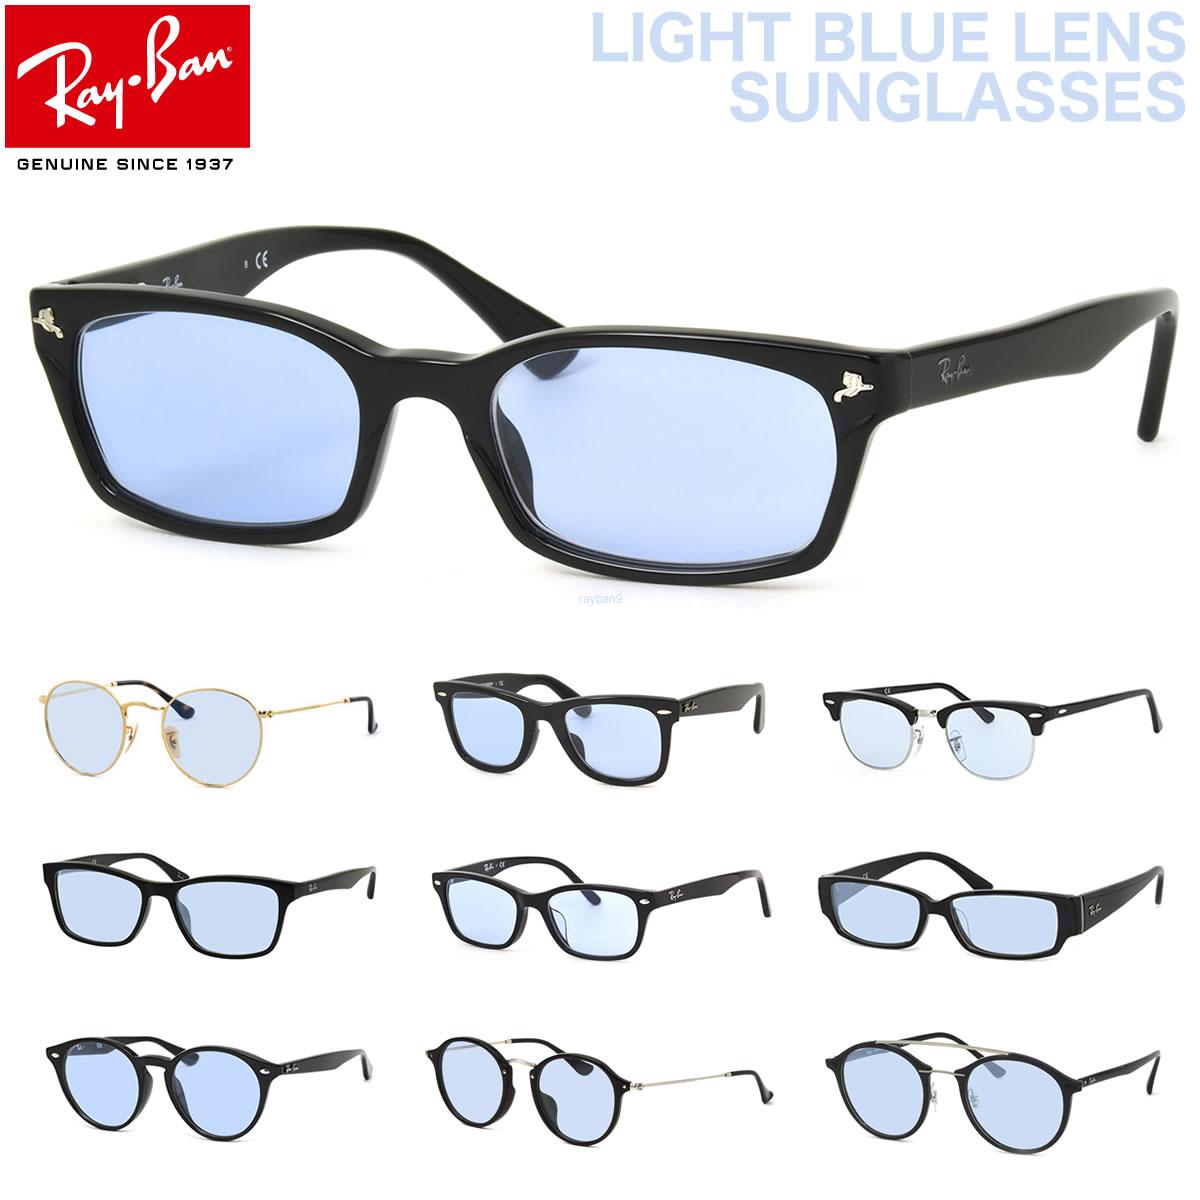 ほぼ全品ポイント10倍!最大36倍! Ray-Ban レイバン メガネ RX LIGHT BLUE SET That's オリジナル ライトブルーセット レイバン with ライトカラー サングラスセット RX2180VF RX2447VF RX3447V RX5017A RX5121F RX5154 RX5250 RX5279F RX5345D RX7111 伊達 ブルー …